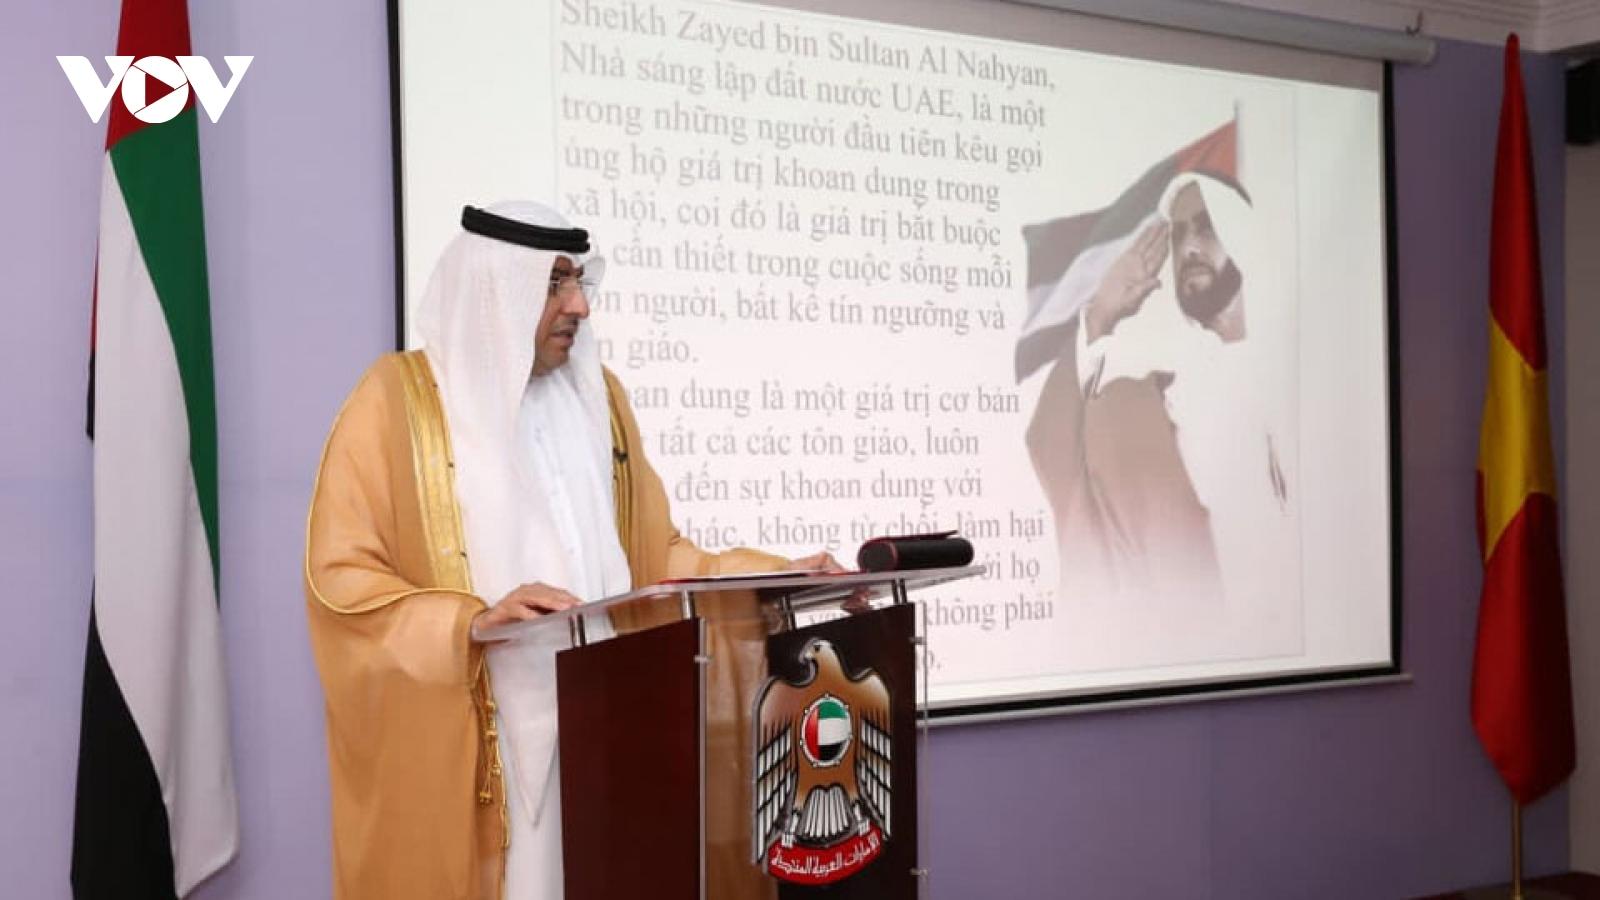 Đại sứ quán UAE tại Hà Nội tổ chức kỷ niệm Ngày Quốc tế Khoan dung